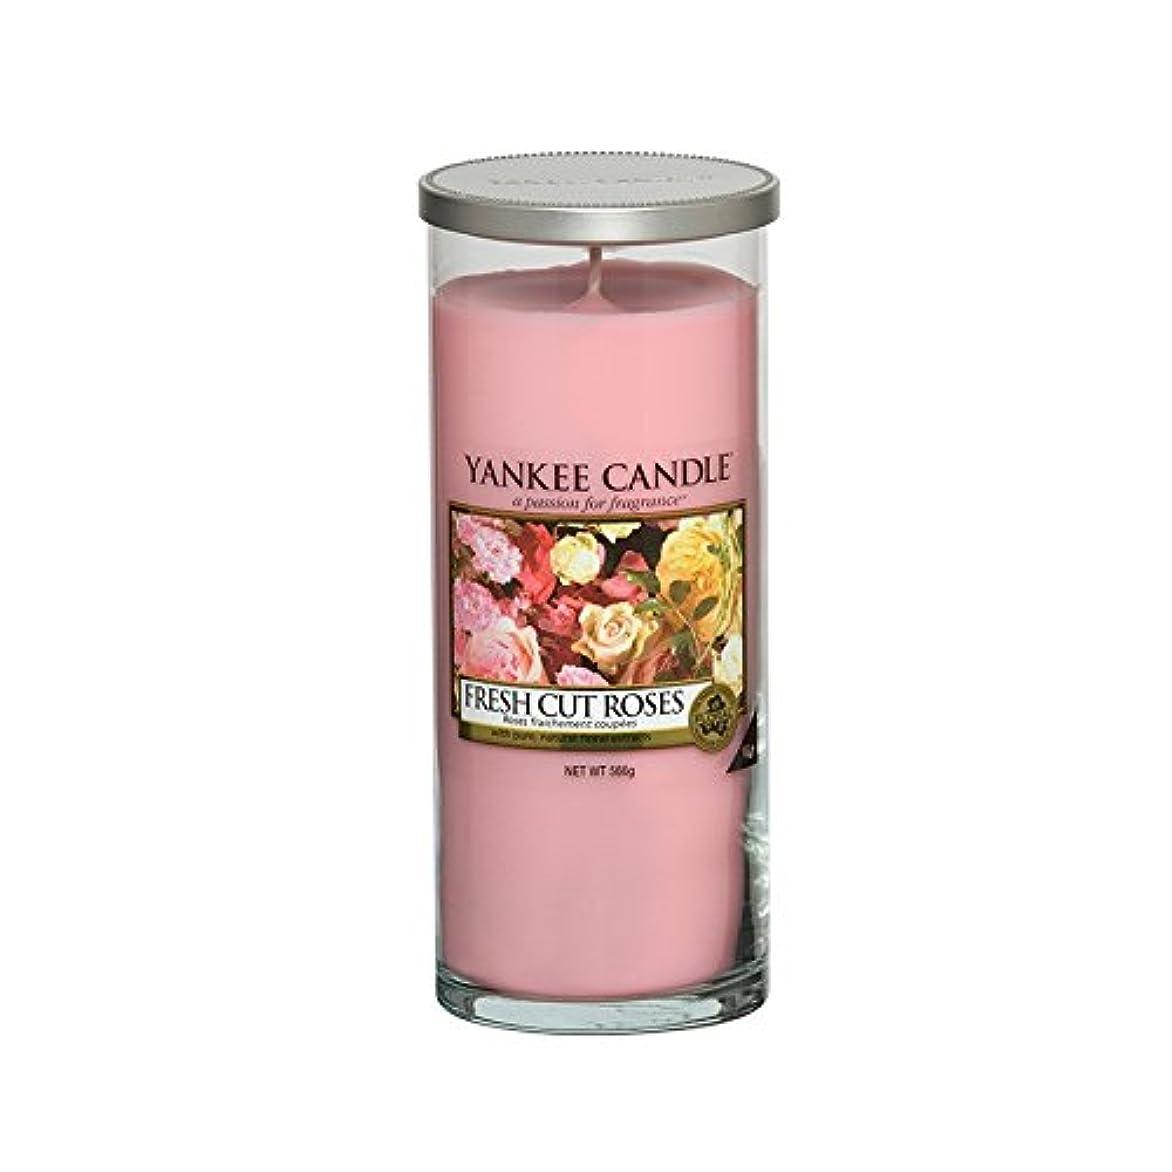 学校の先生メイド孤児Yankee Candles Large Pillar Candle - Fresh Cut Roses (Pack of 2) - ヤンキーキャンドル大きな柱キャンドル - 新鮮なバラ切り花 (x2) [並行輸入品]